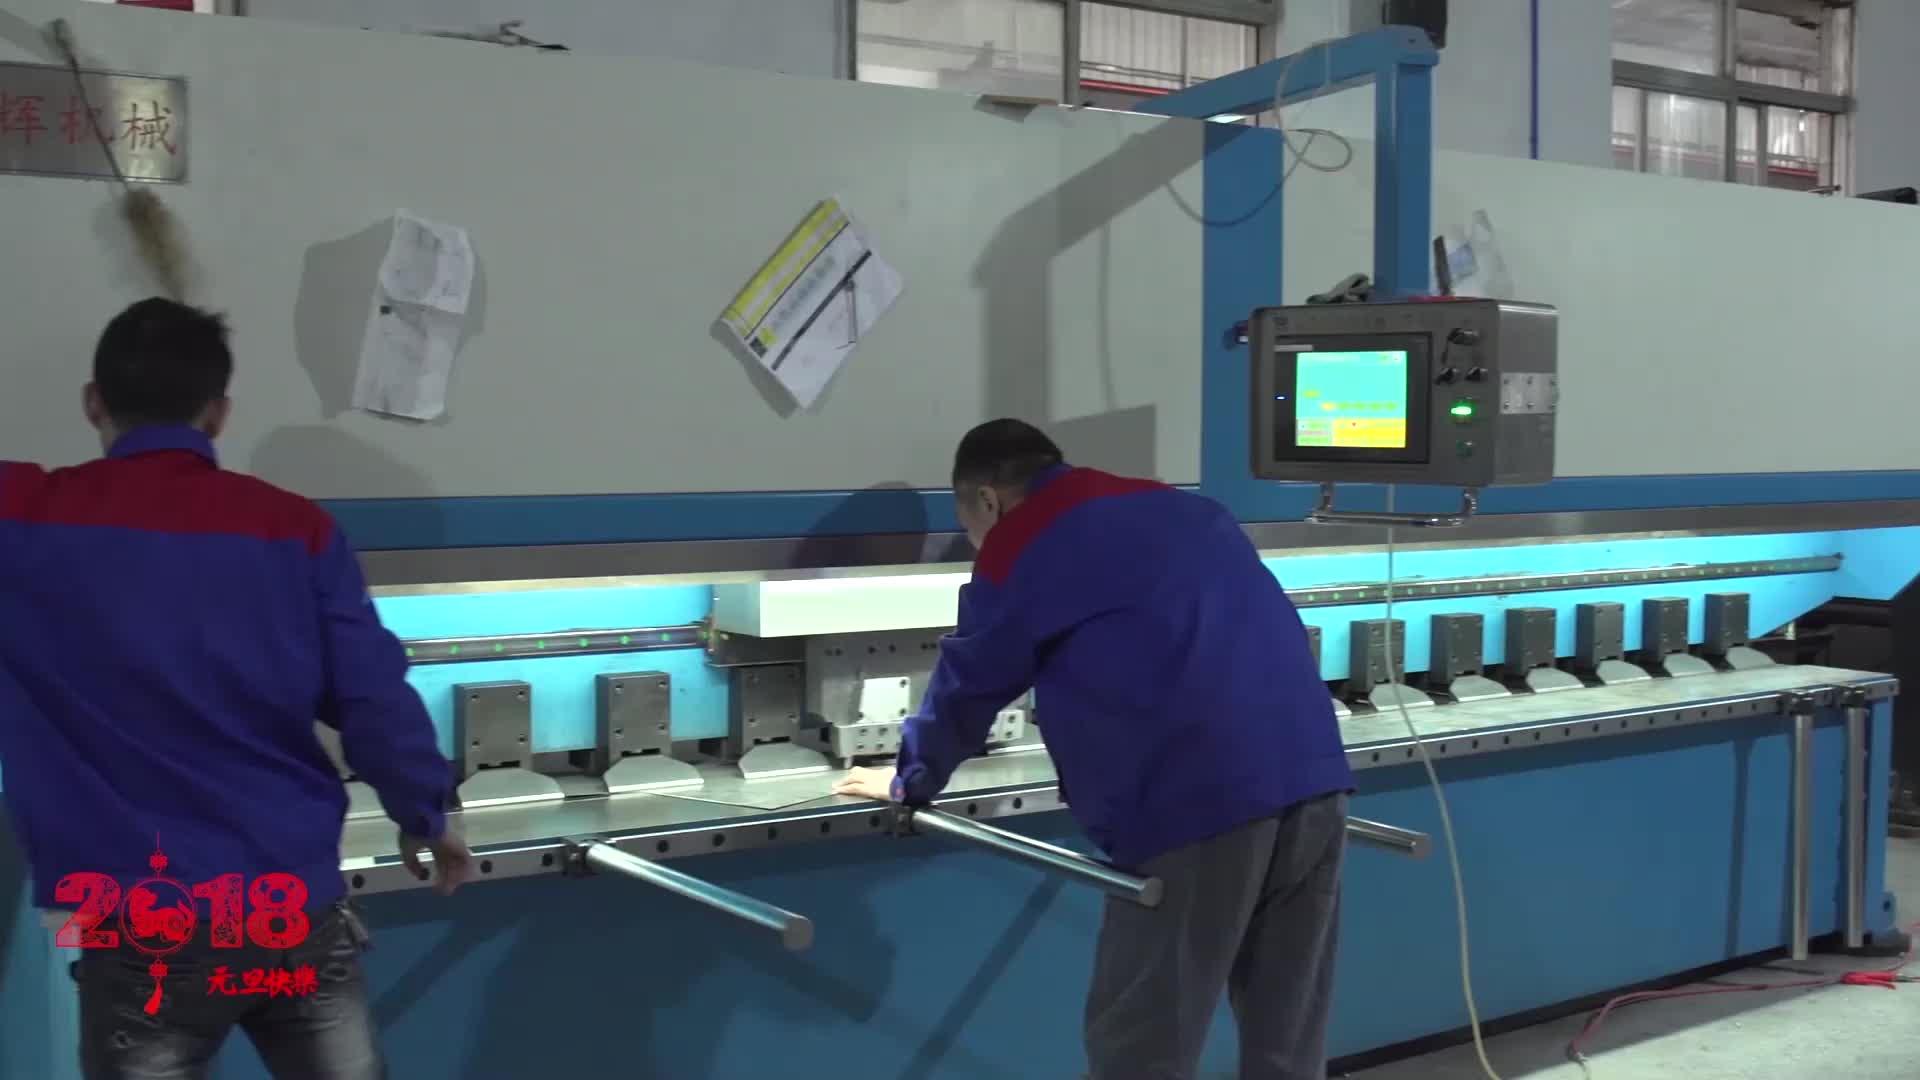 D loại cửa xử lý tay nắm cửa phần cứng 600 mét thép không gỉ kéo xử lý thép không gỉ cửa kính d kéo xử lý